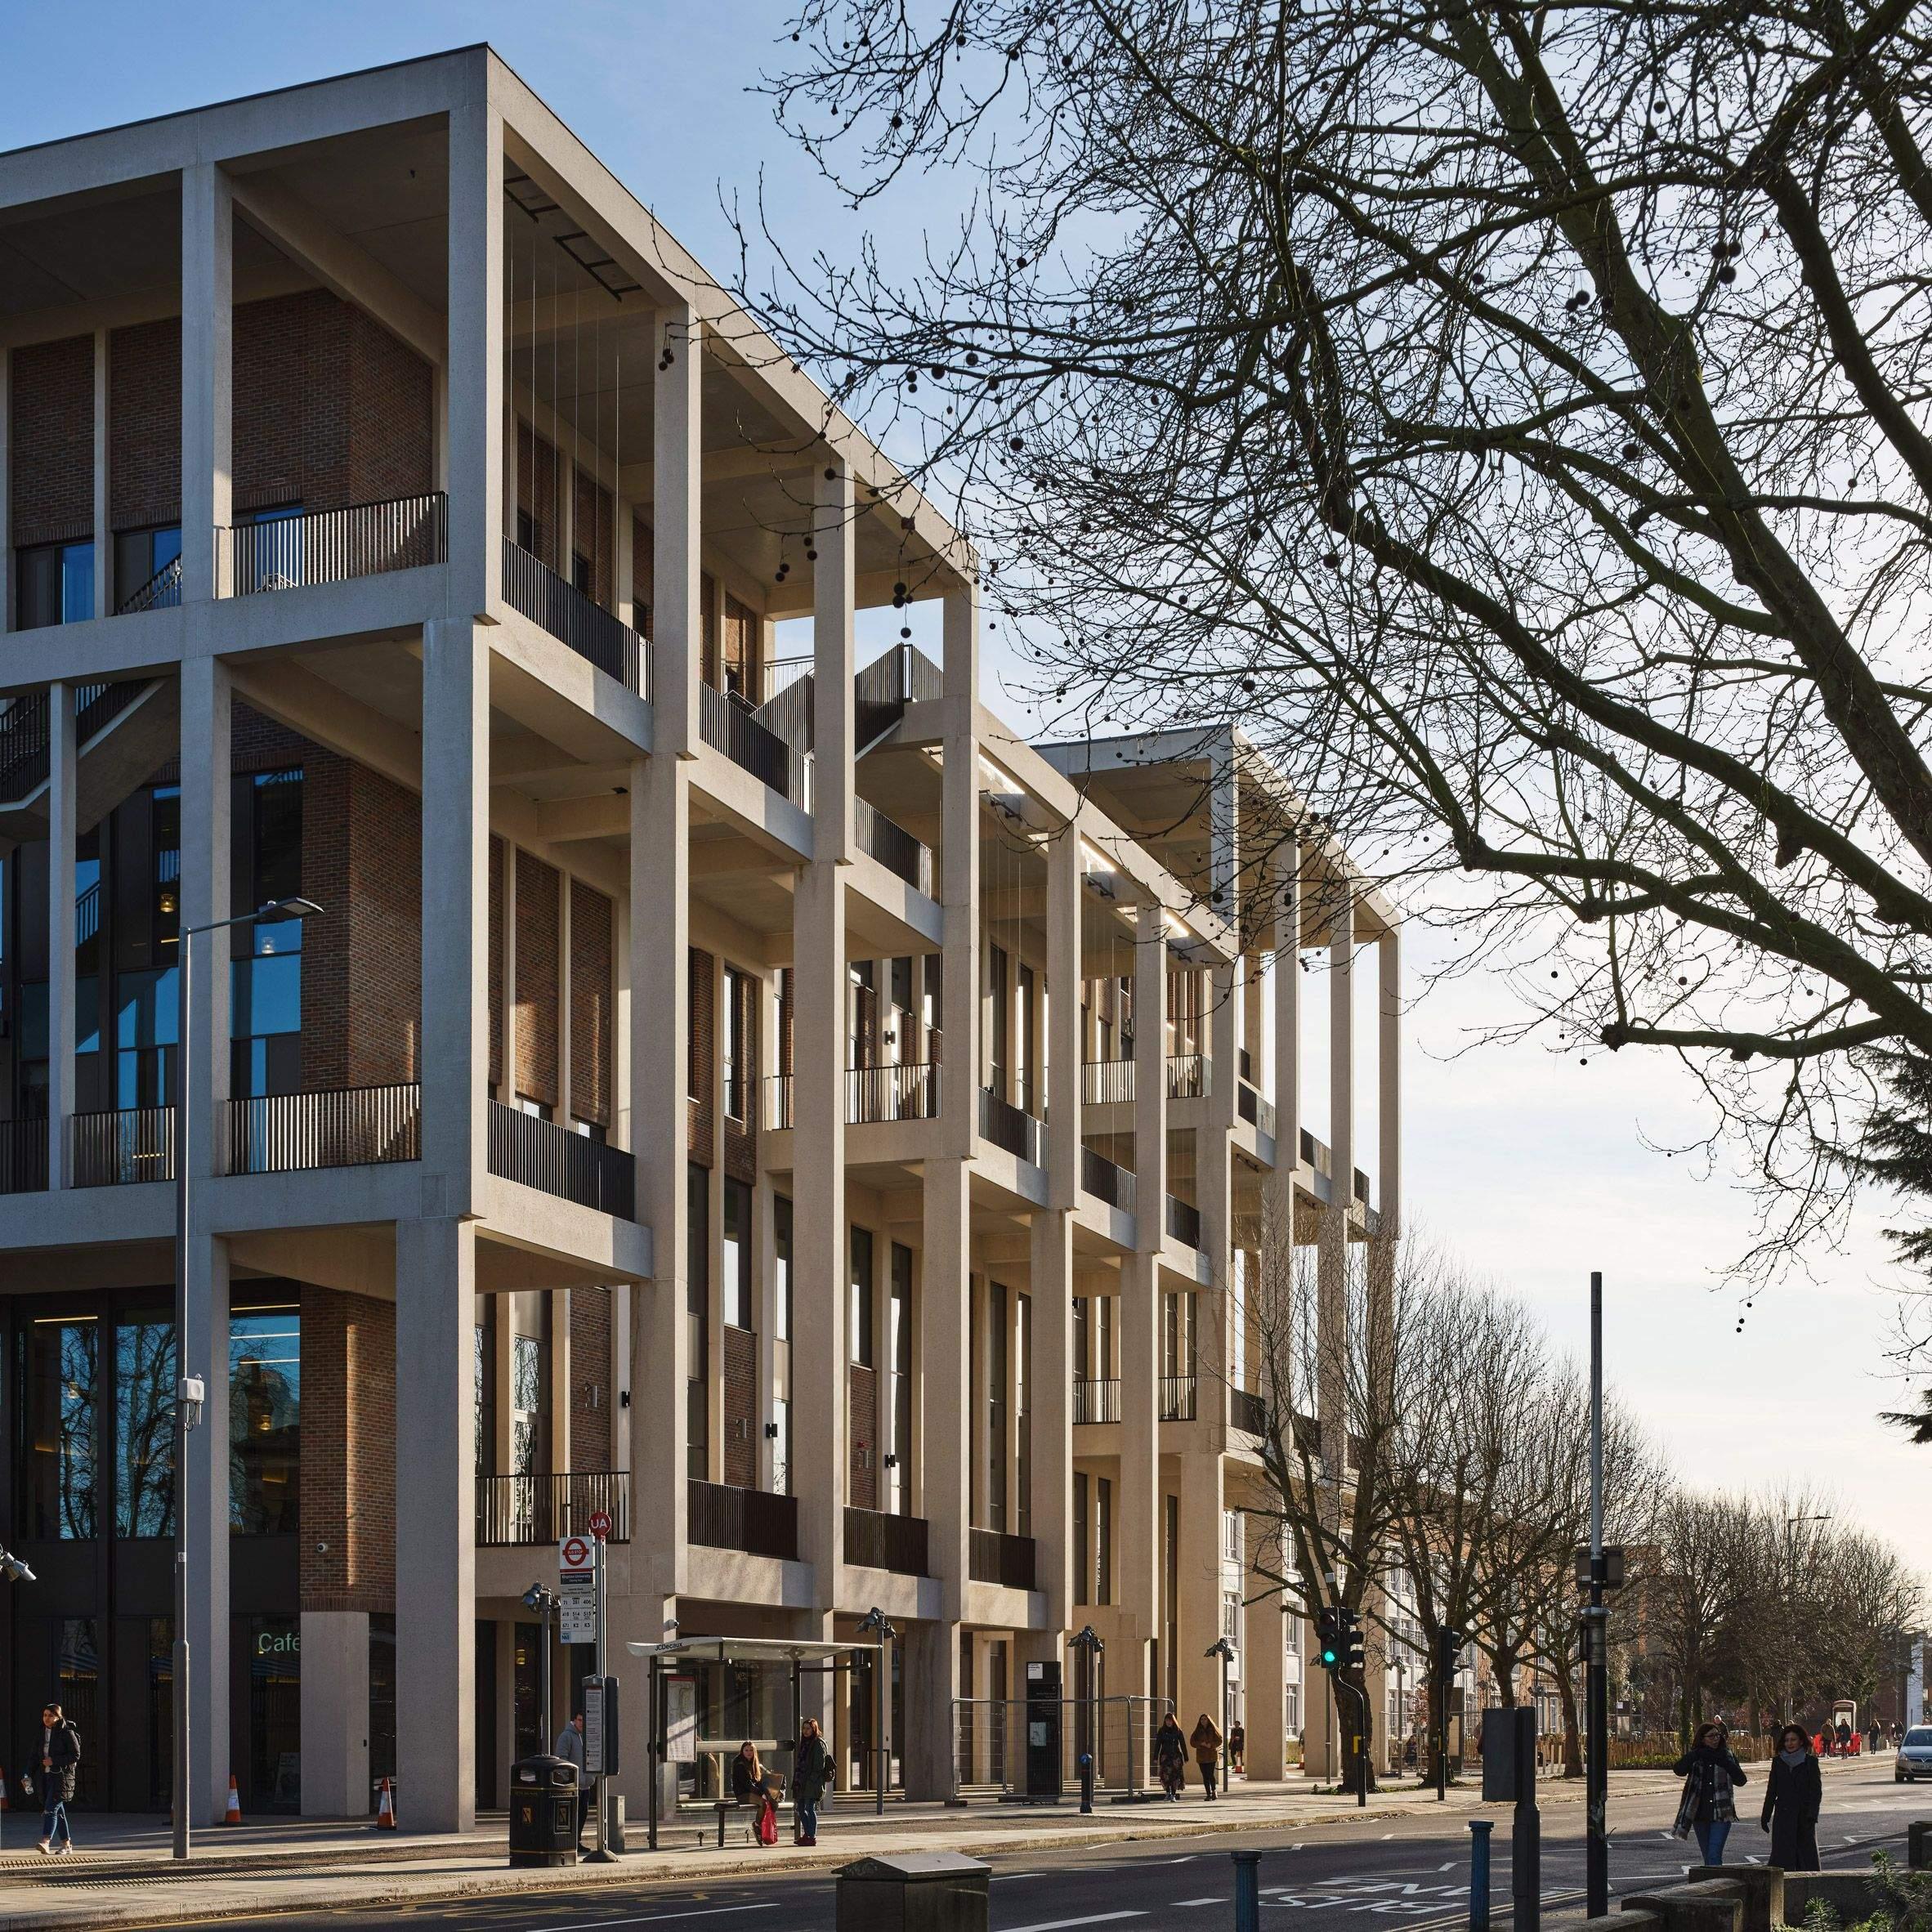 Відкрита архітектура кампусу / Фото Dezeen